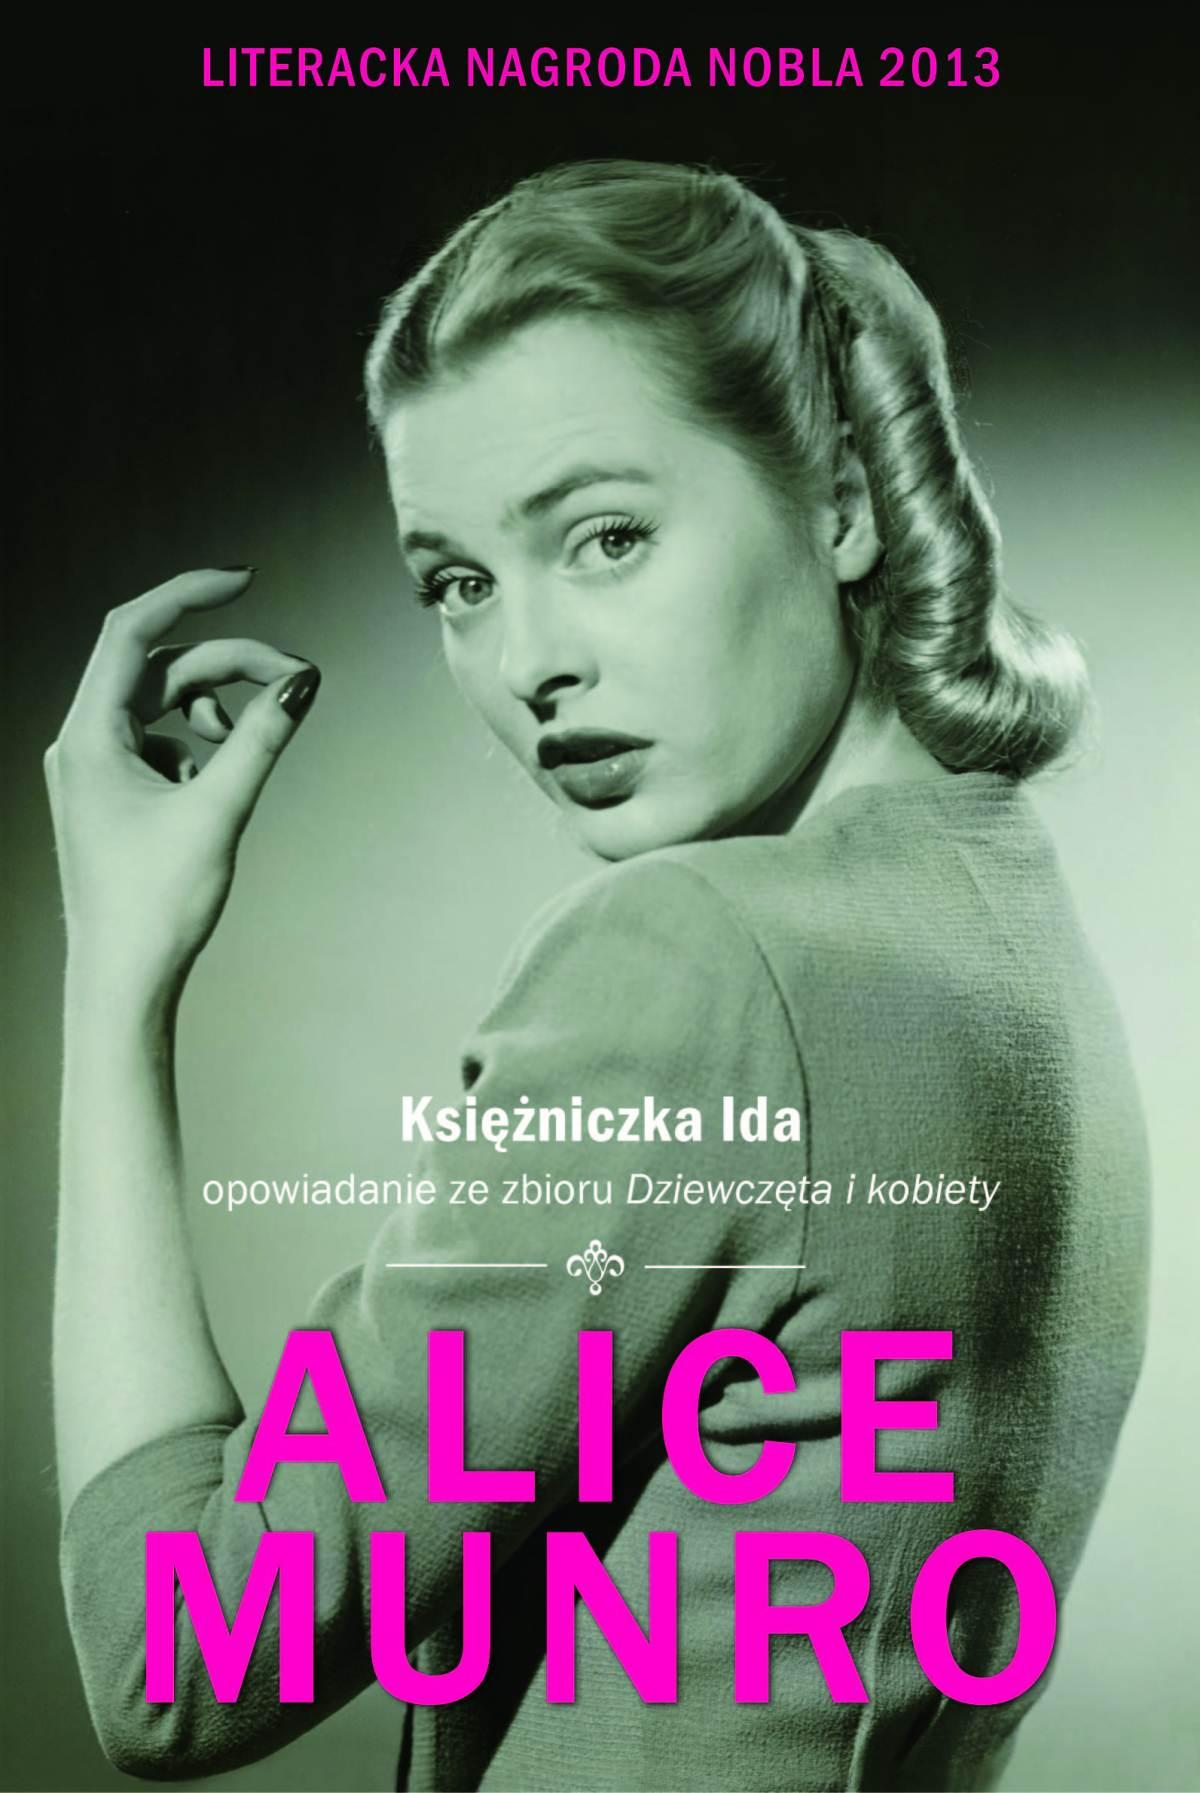 Księżniczka Ida - Ebook (Książka na Kindle) do pobrania w formacie MOBI